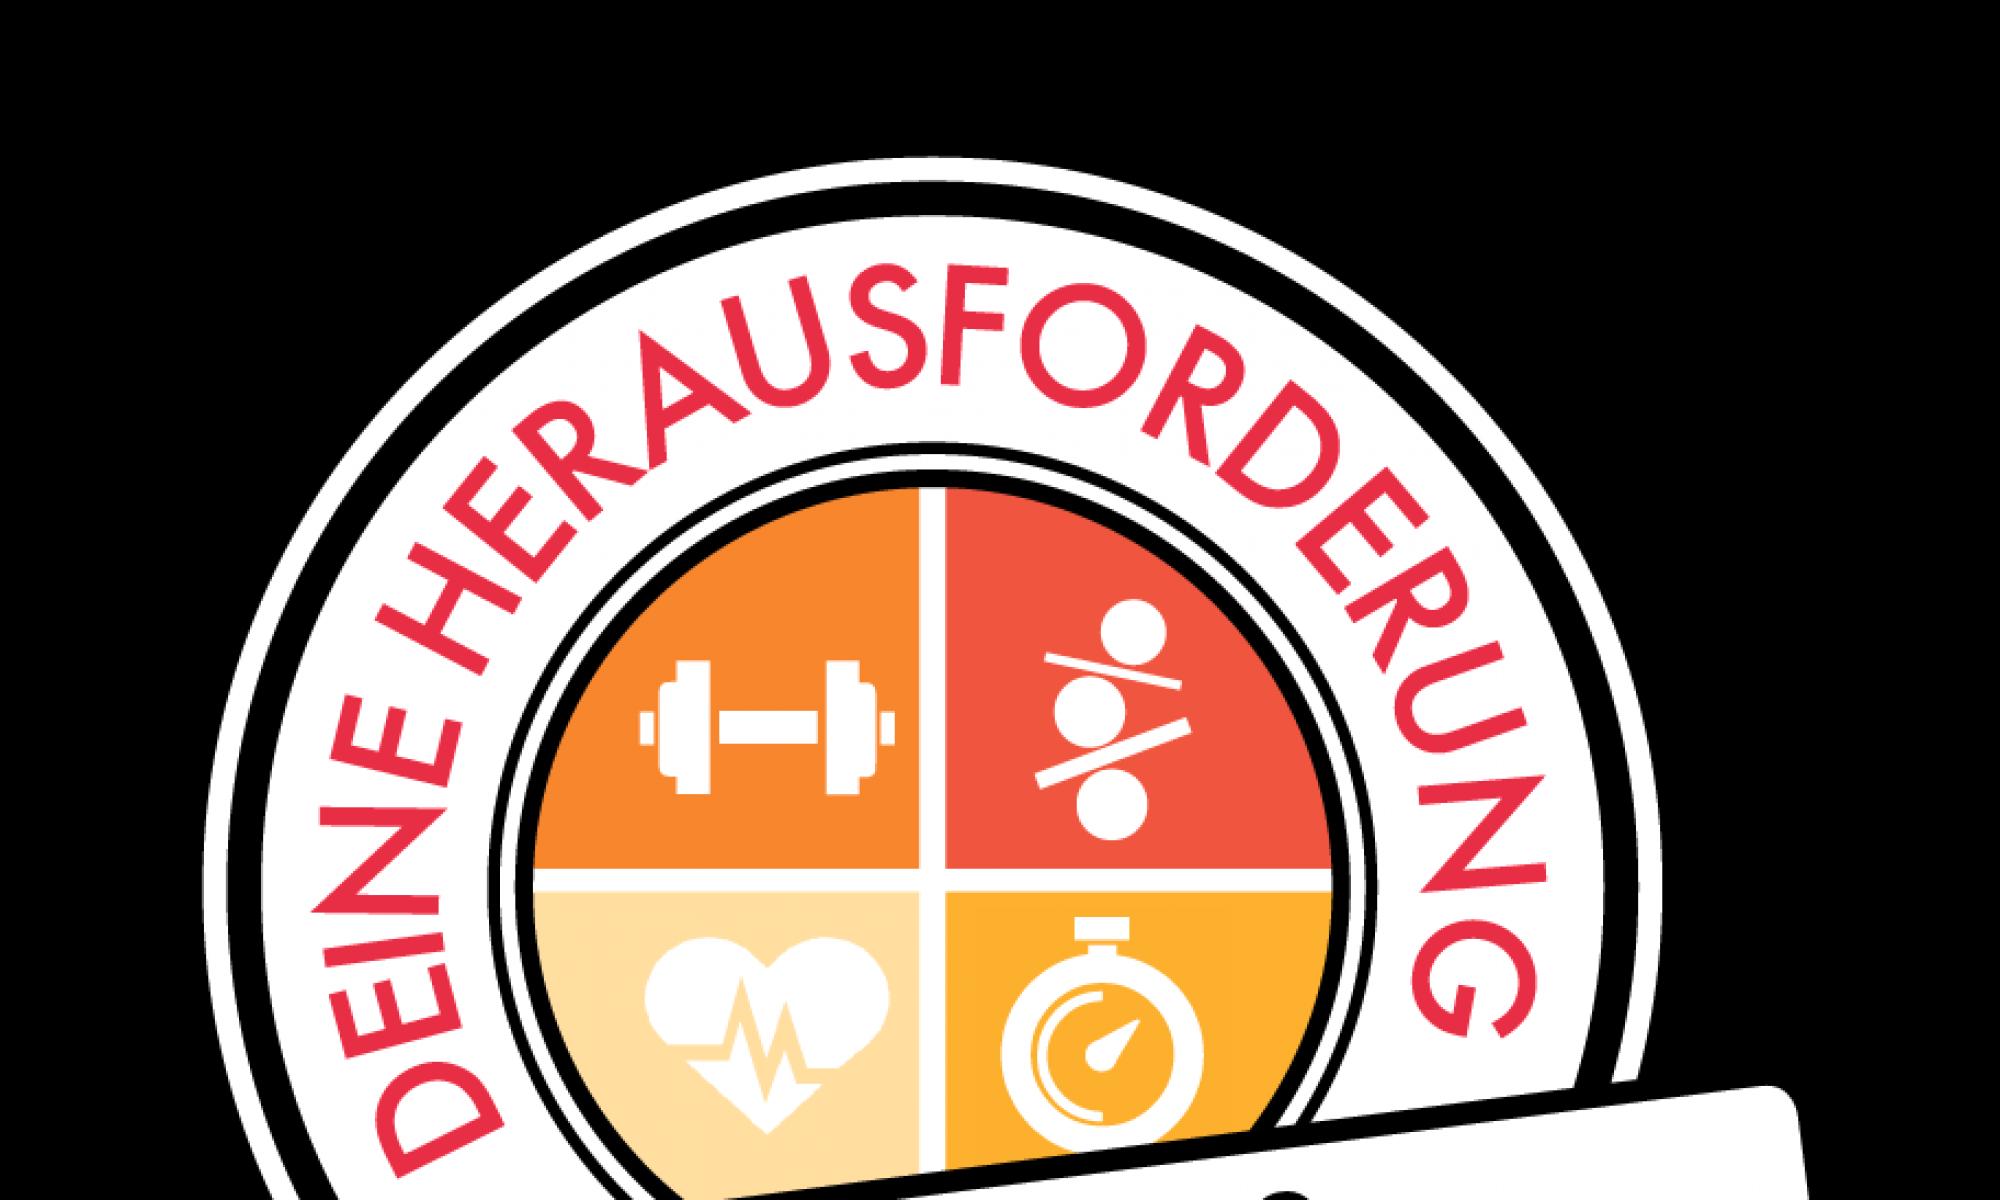 Deutsches Sportabzeichen - Deine Herausforderung